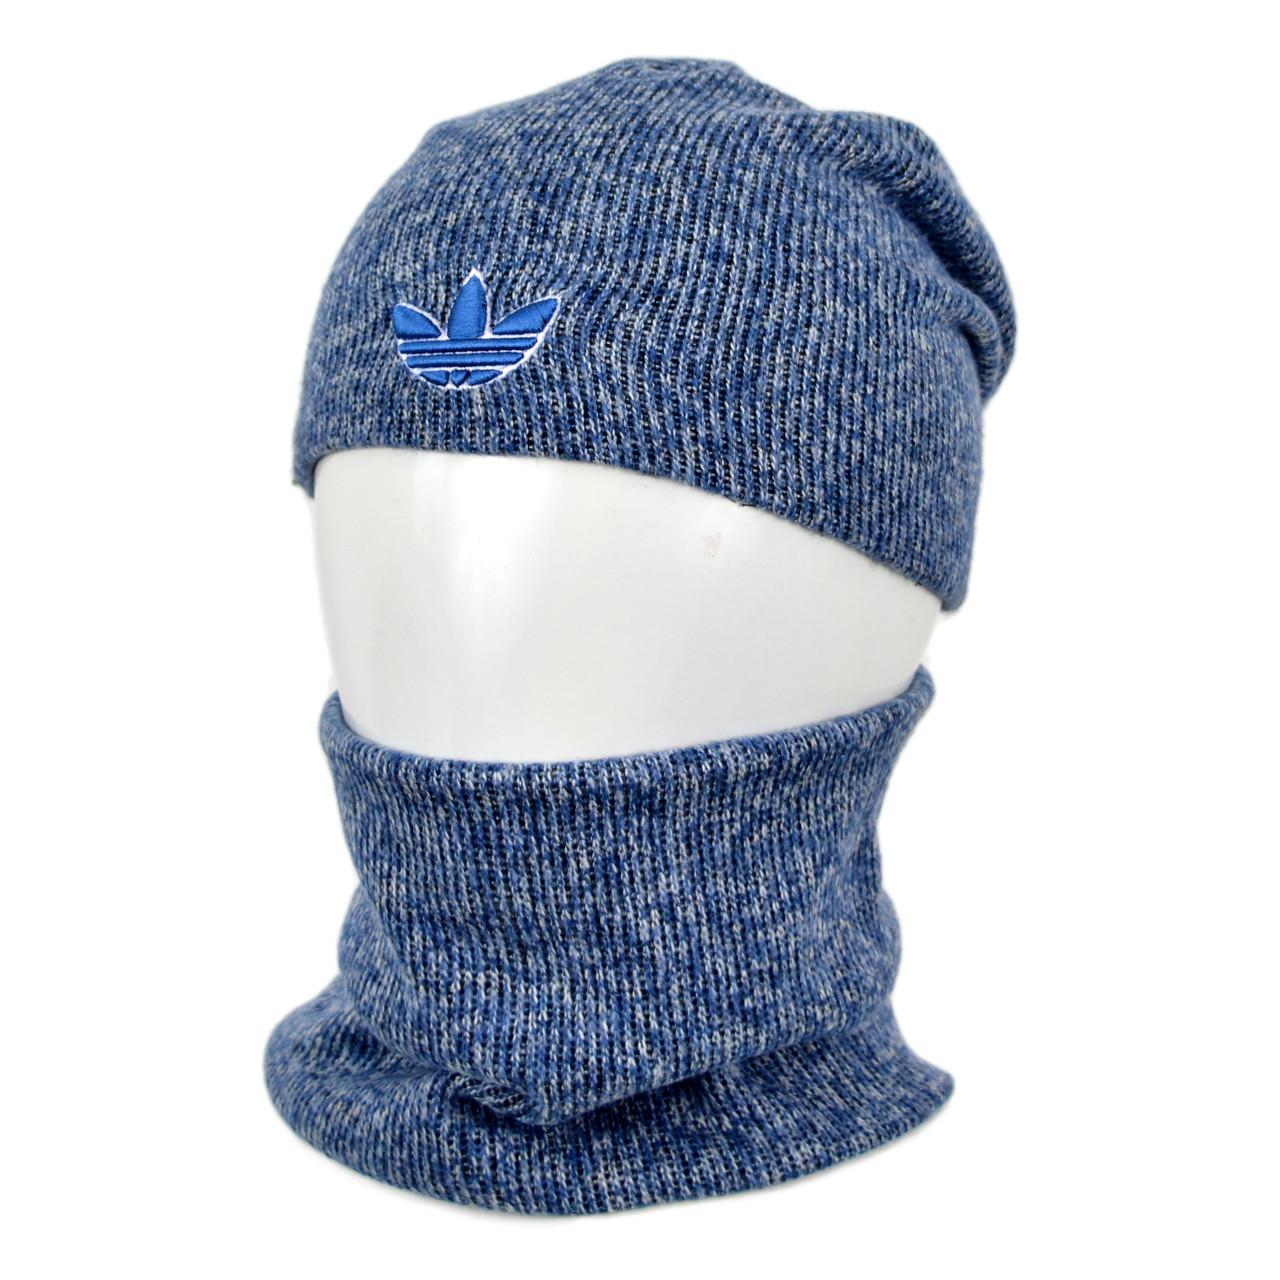 Комплект шапка+баф adidas SP1902 джинс